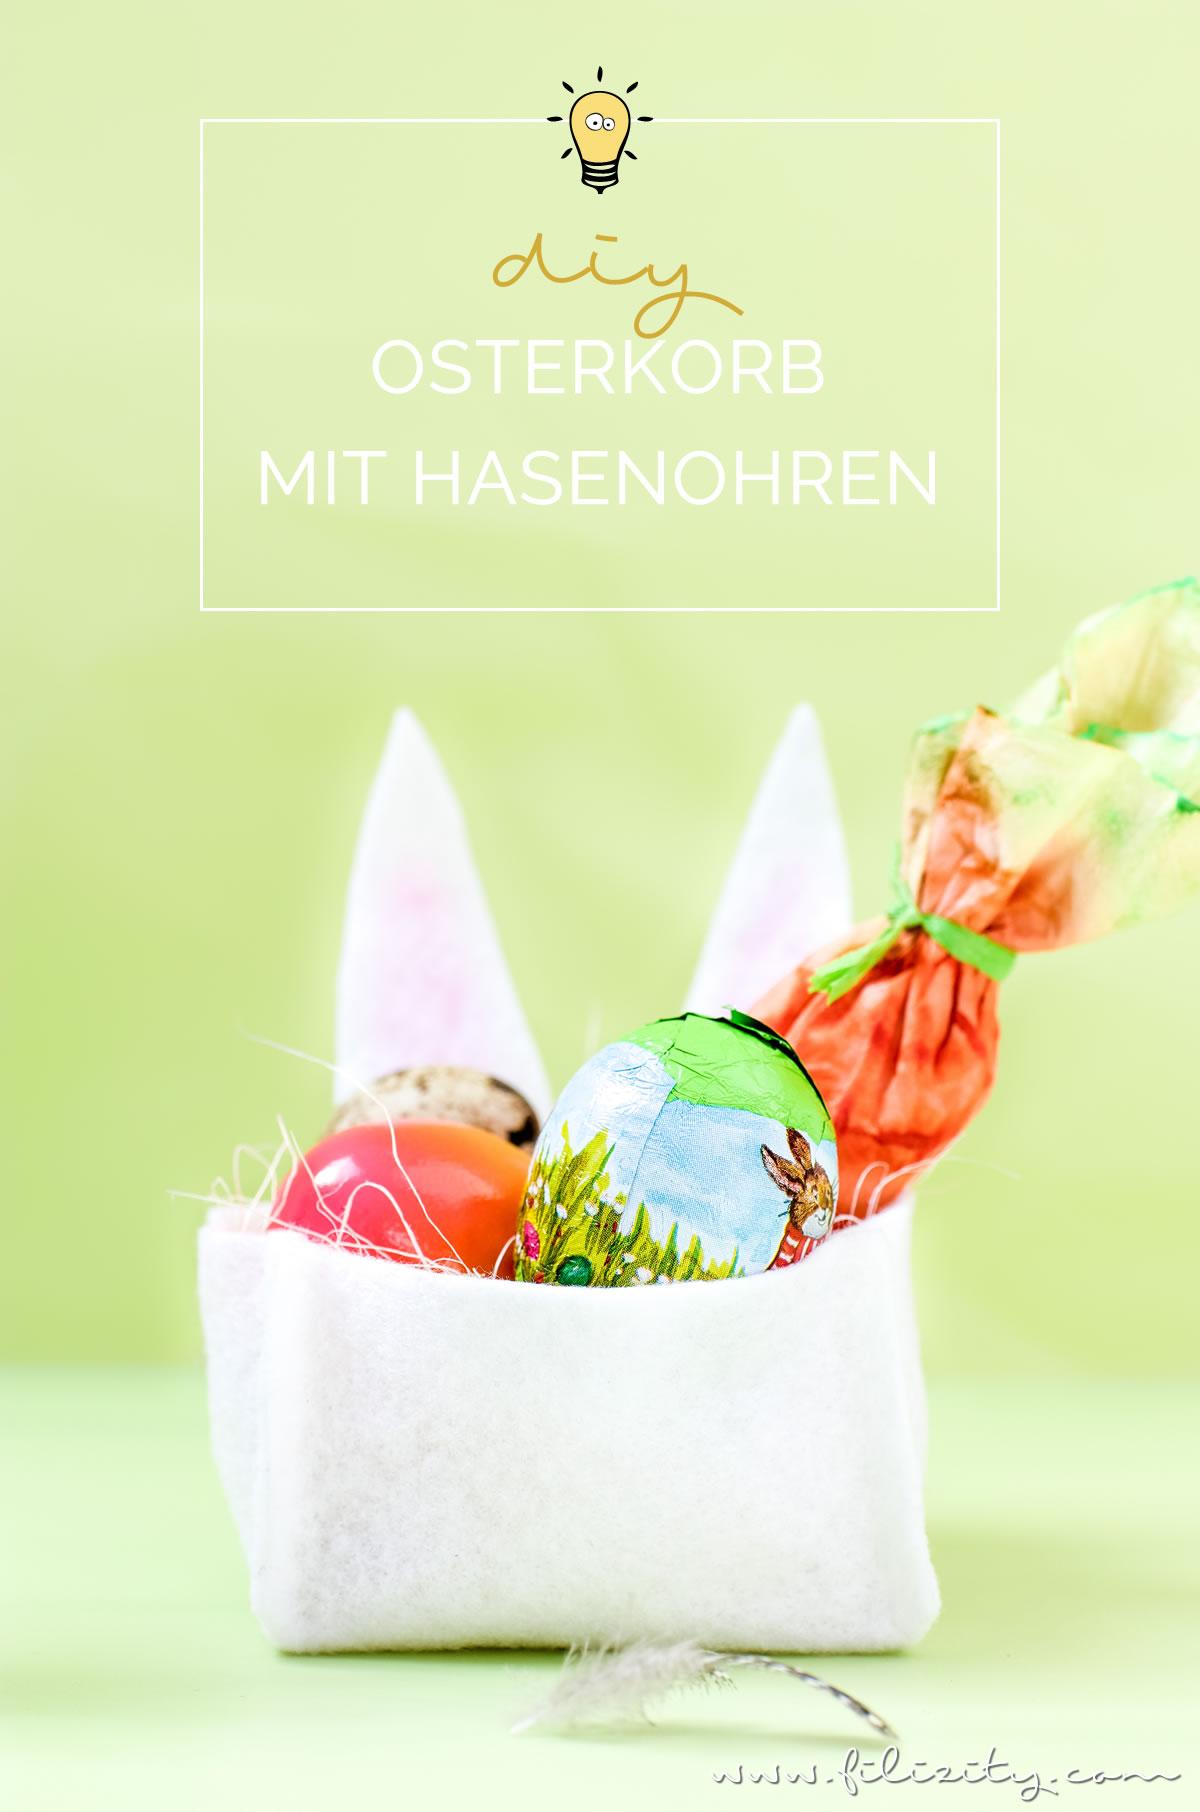 Filz-Osterkorb basteln ohne Nähen | DIY Filzkorb mit Hasenohren (inkl. Schnittmuster) für die Ostereiersuche oder als Osterdeko | Filizity.com | DIY-Blog aus dem Rheinland #ostern #ostergeschenke #osterhase